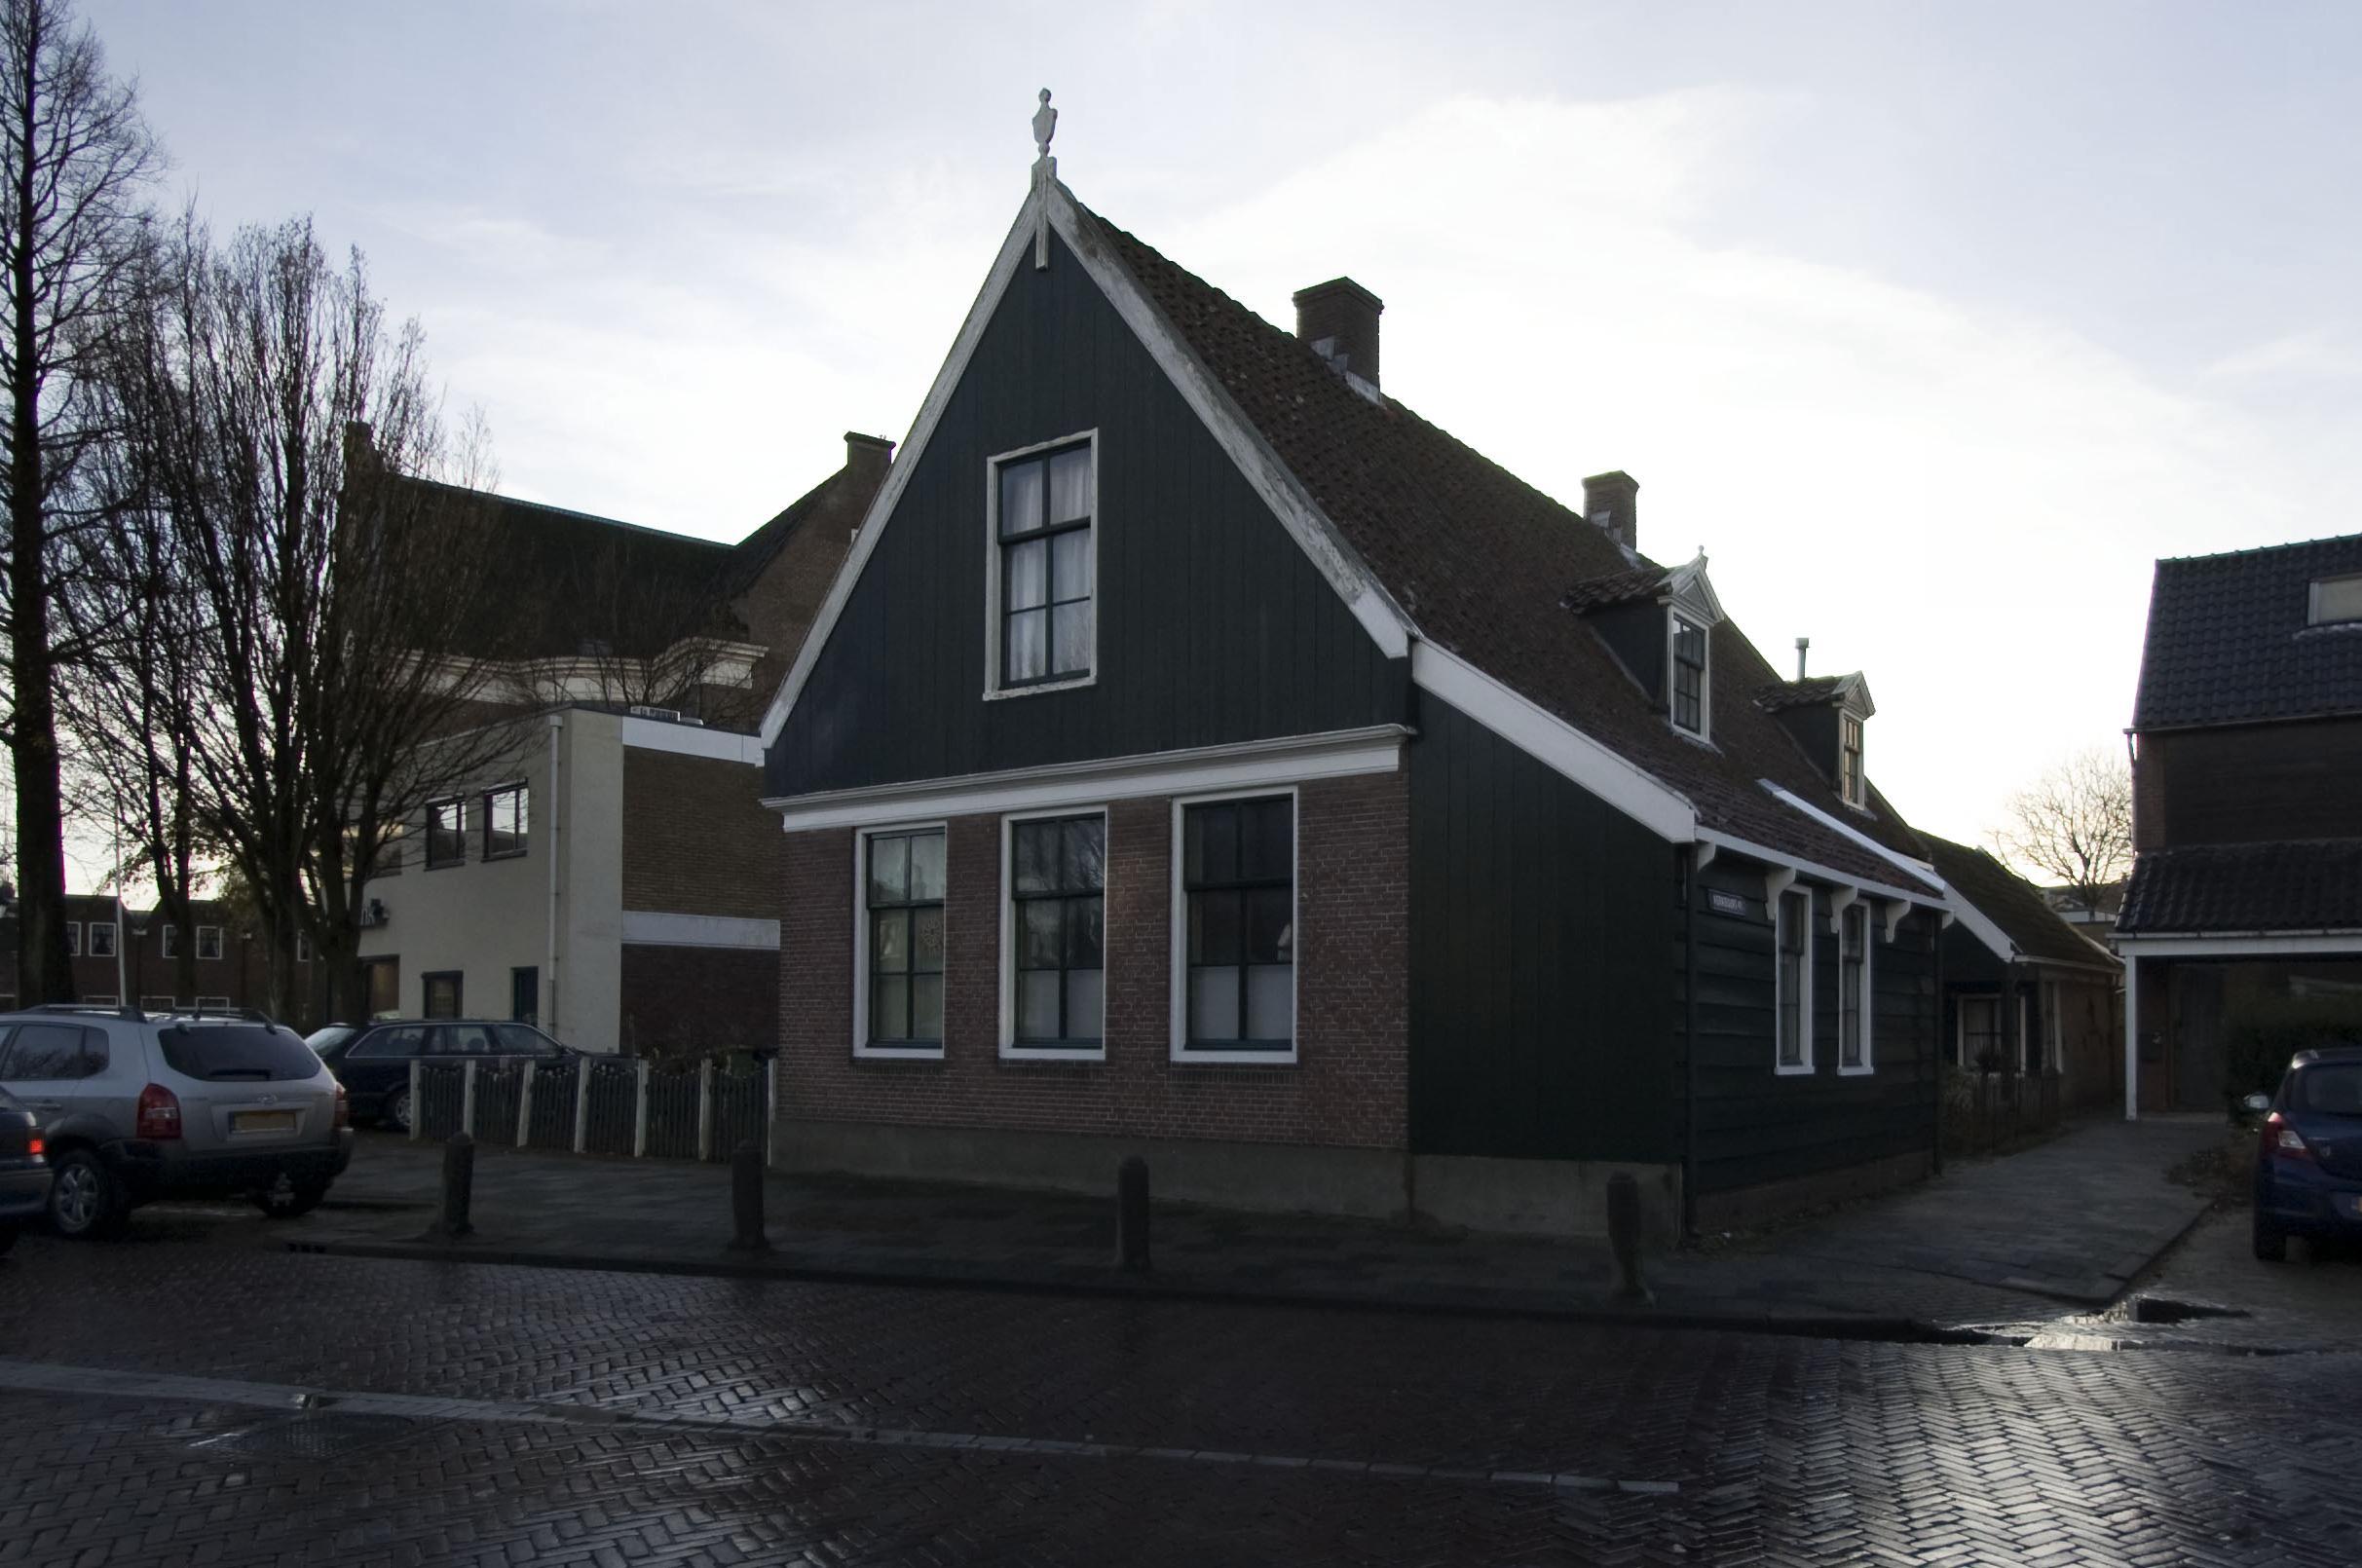 Zaans huis houten met stenen voorgevel bekroond door houten voorschot in westzaan monument - Huis stenen huis ...